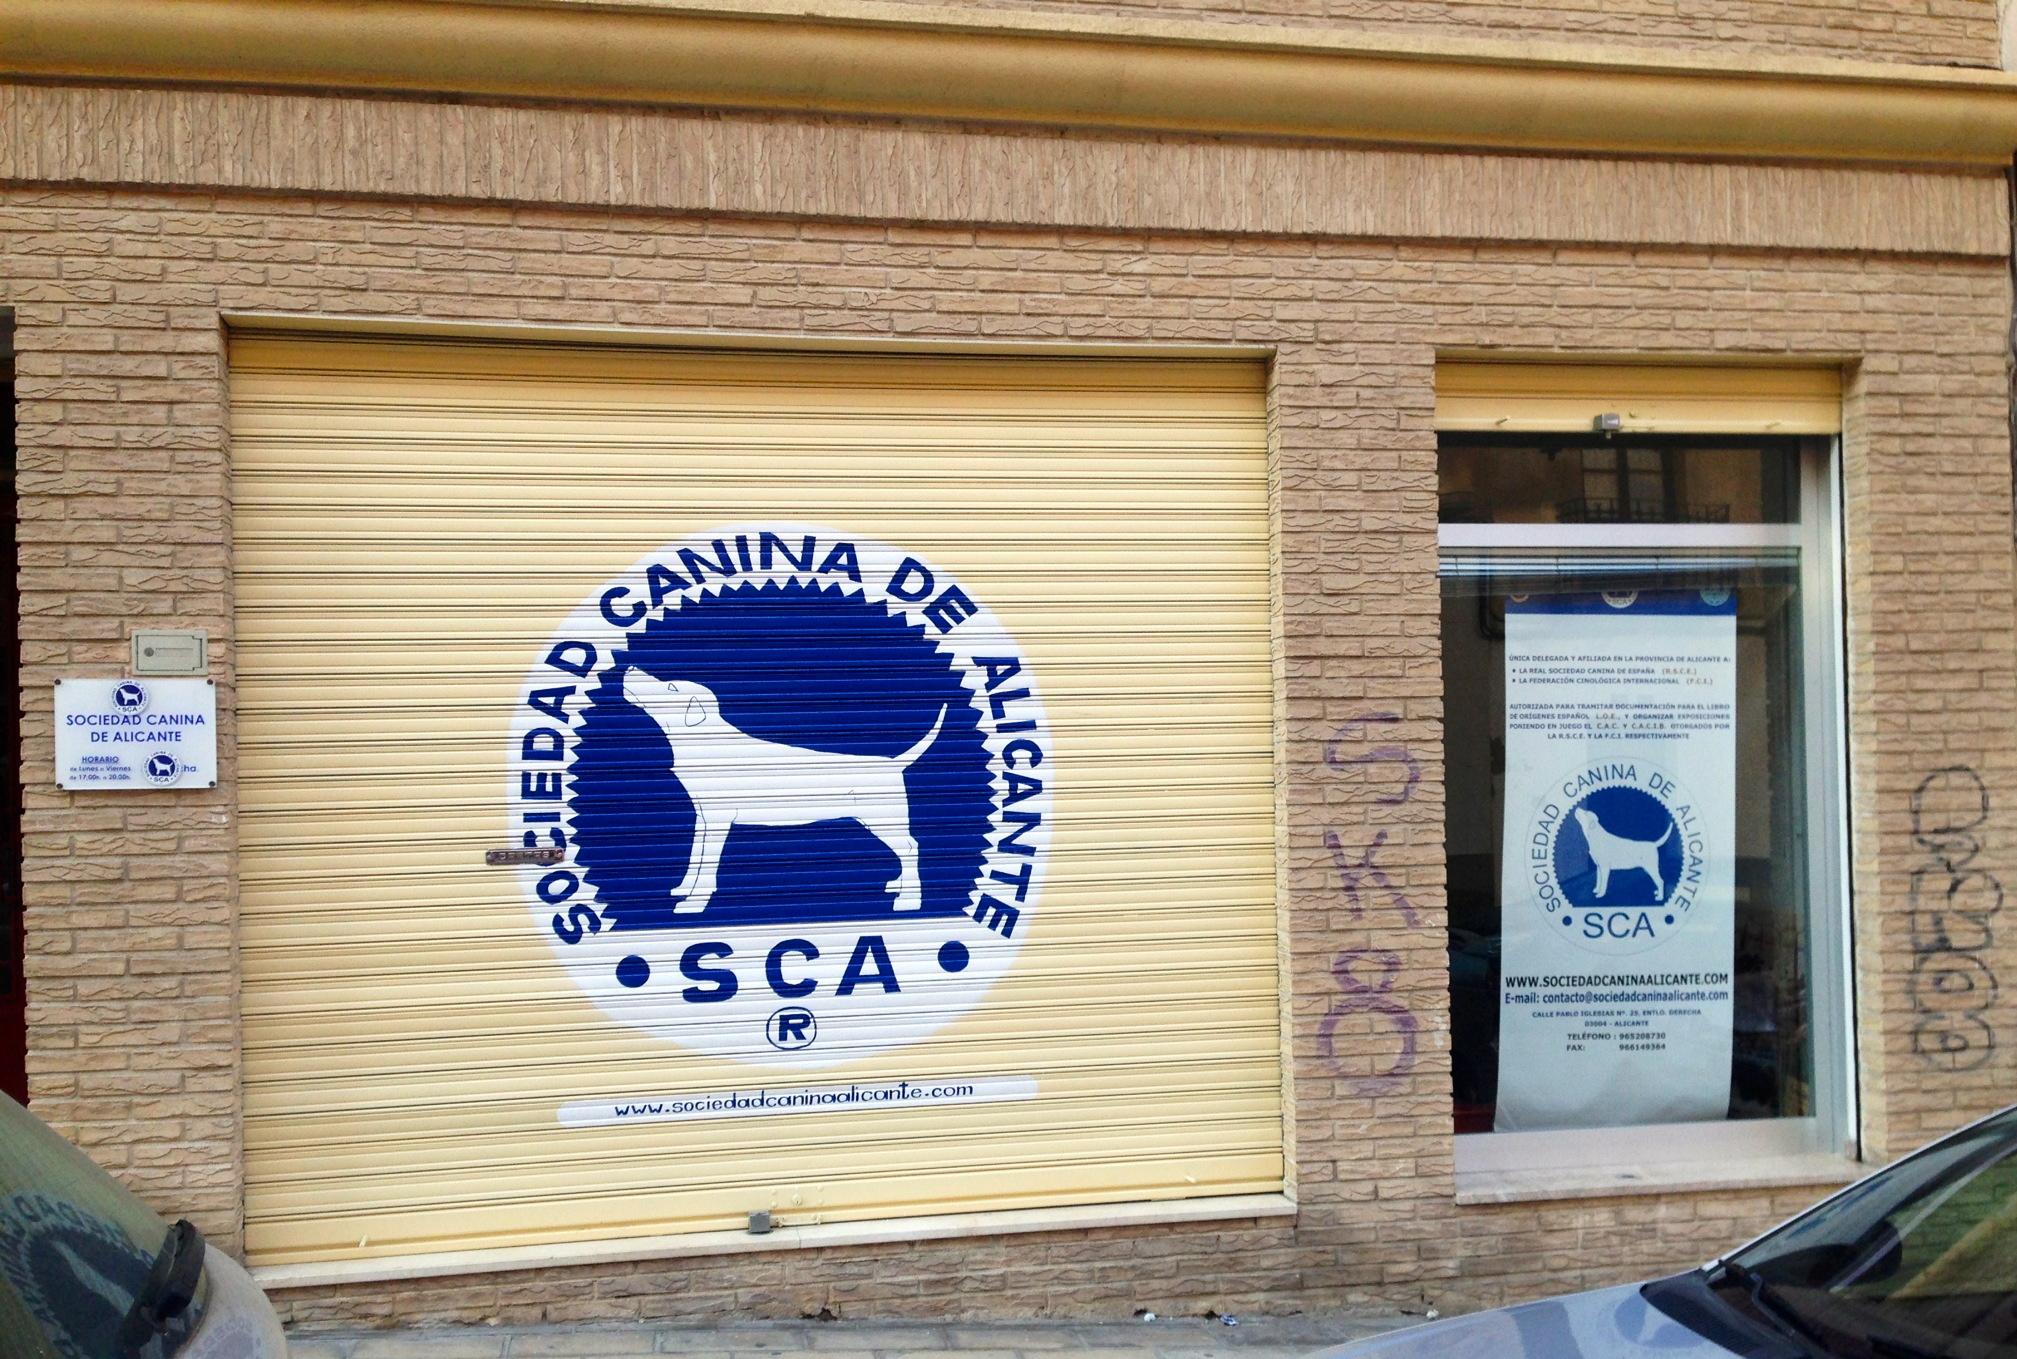 Horario y situaci n de la oficina sociedad canina de for Horario oficinas correos agosto